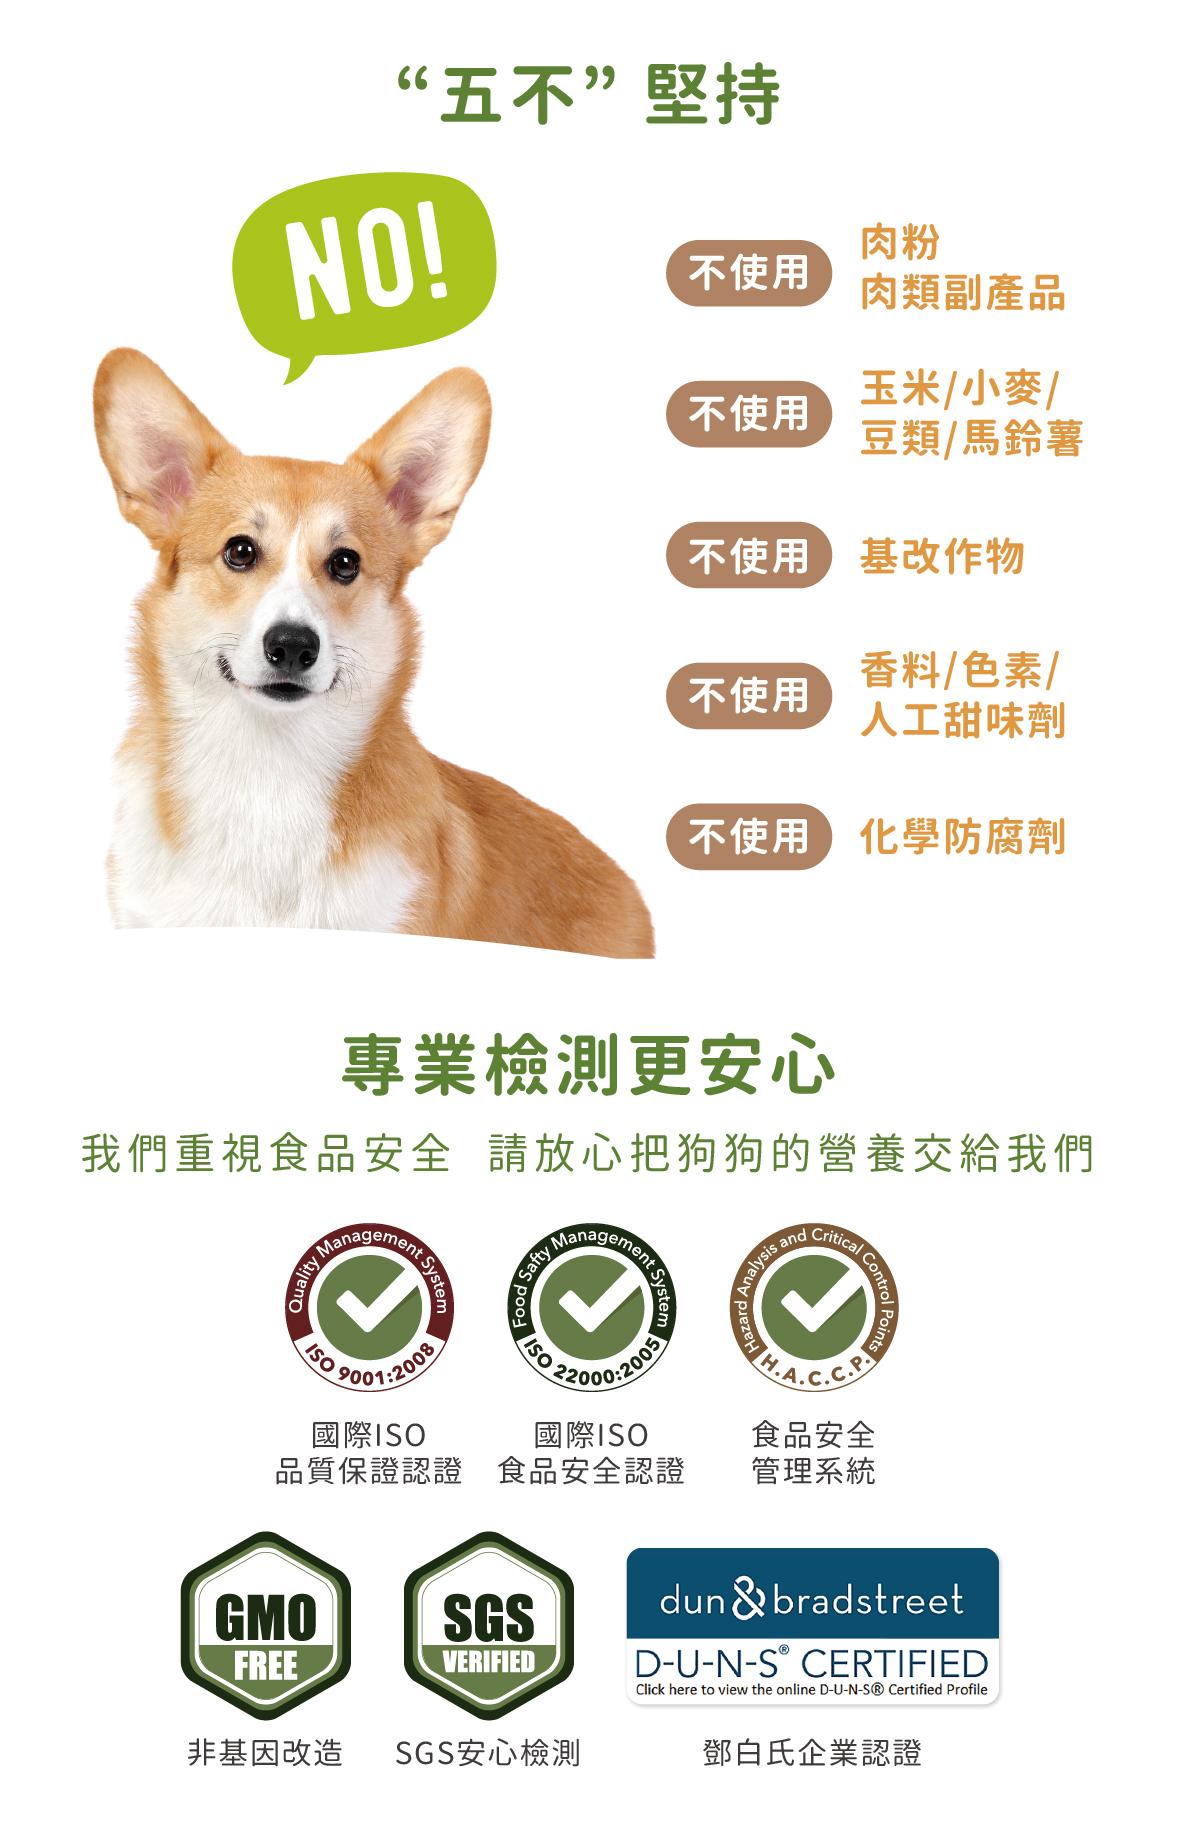 国际品质认证,请放心把狗狗的营养交给我们